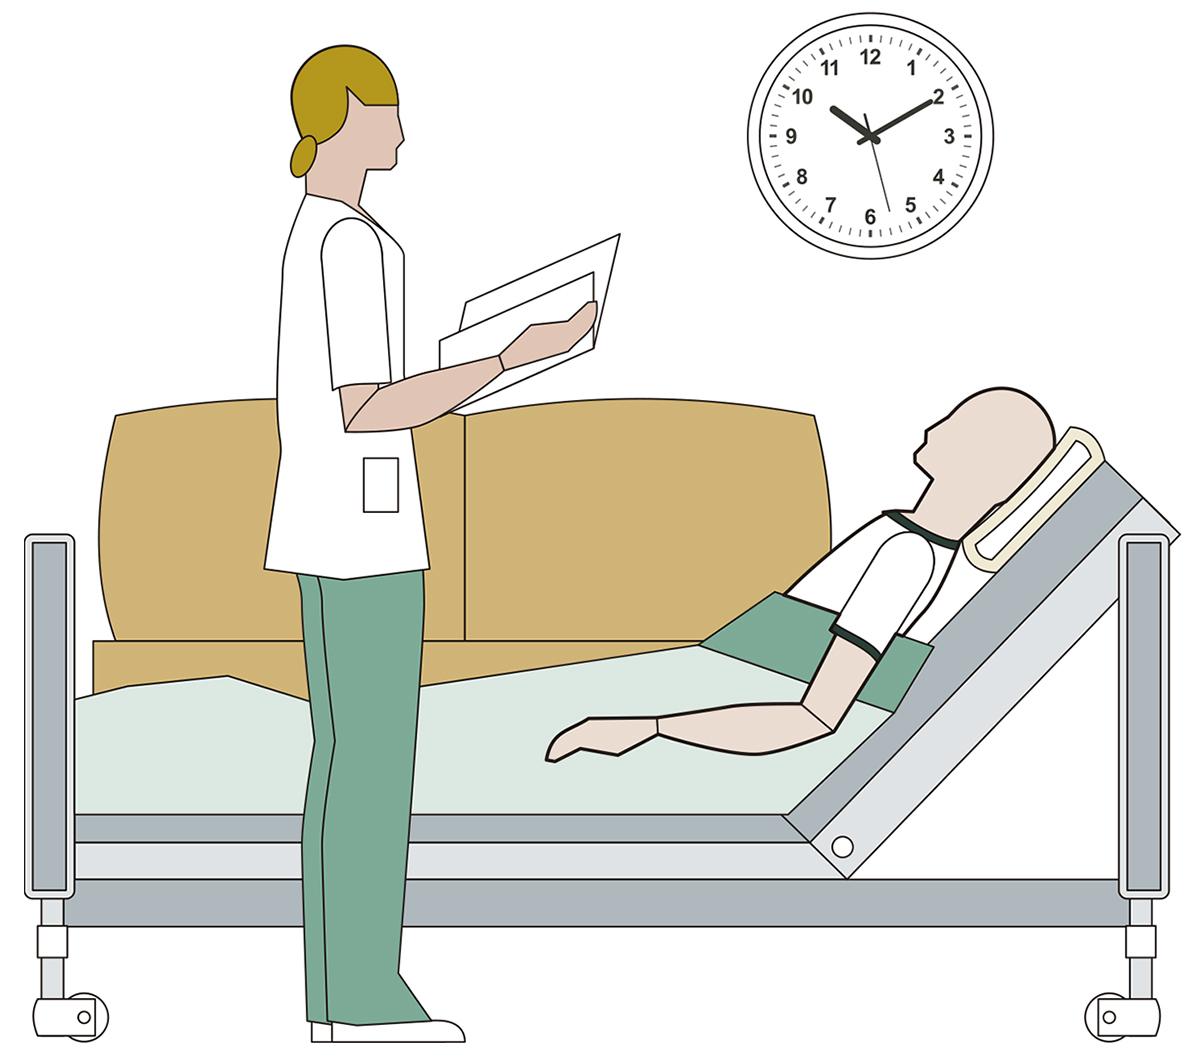 Preparación: el paciente debe enfriarse rápidamente una vez se le haya declarado muerto